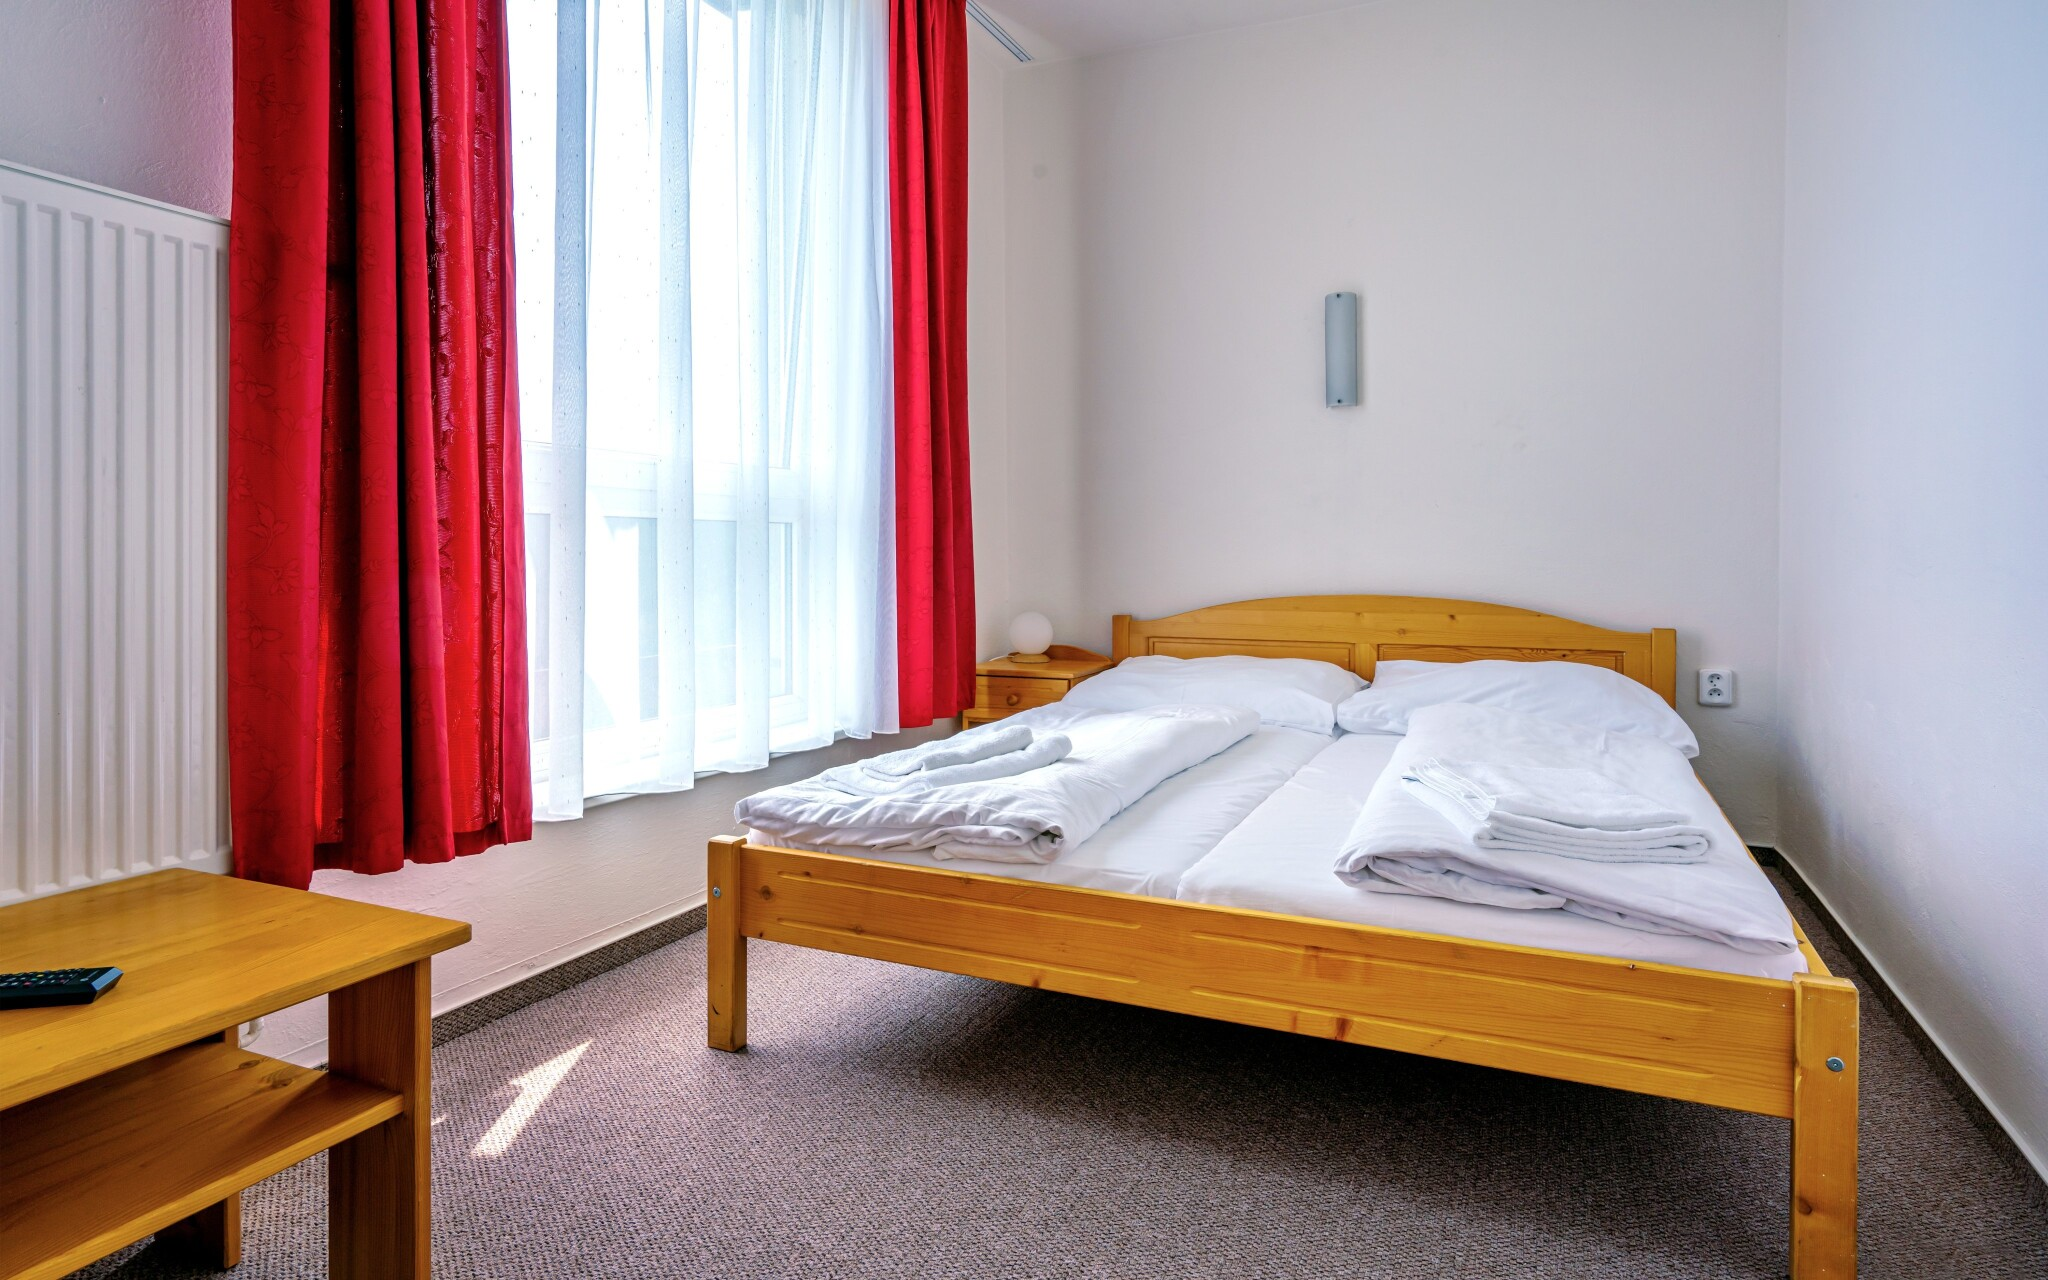 V komfortně zařízených pokojích hotelu najdete TV